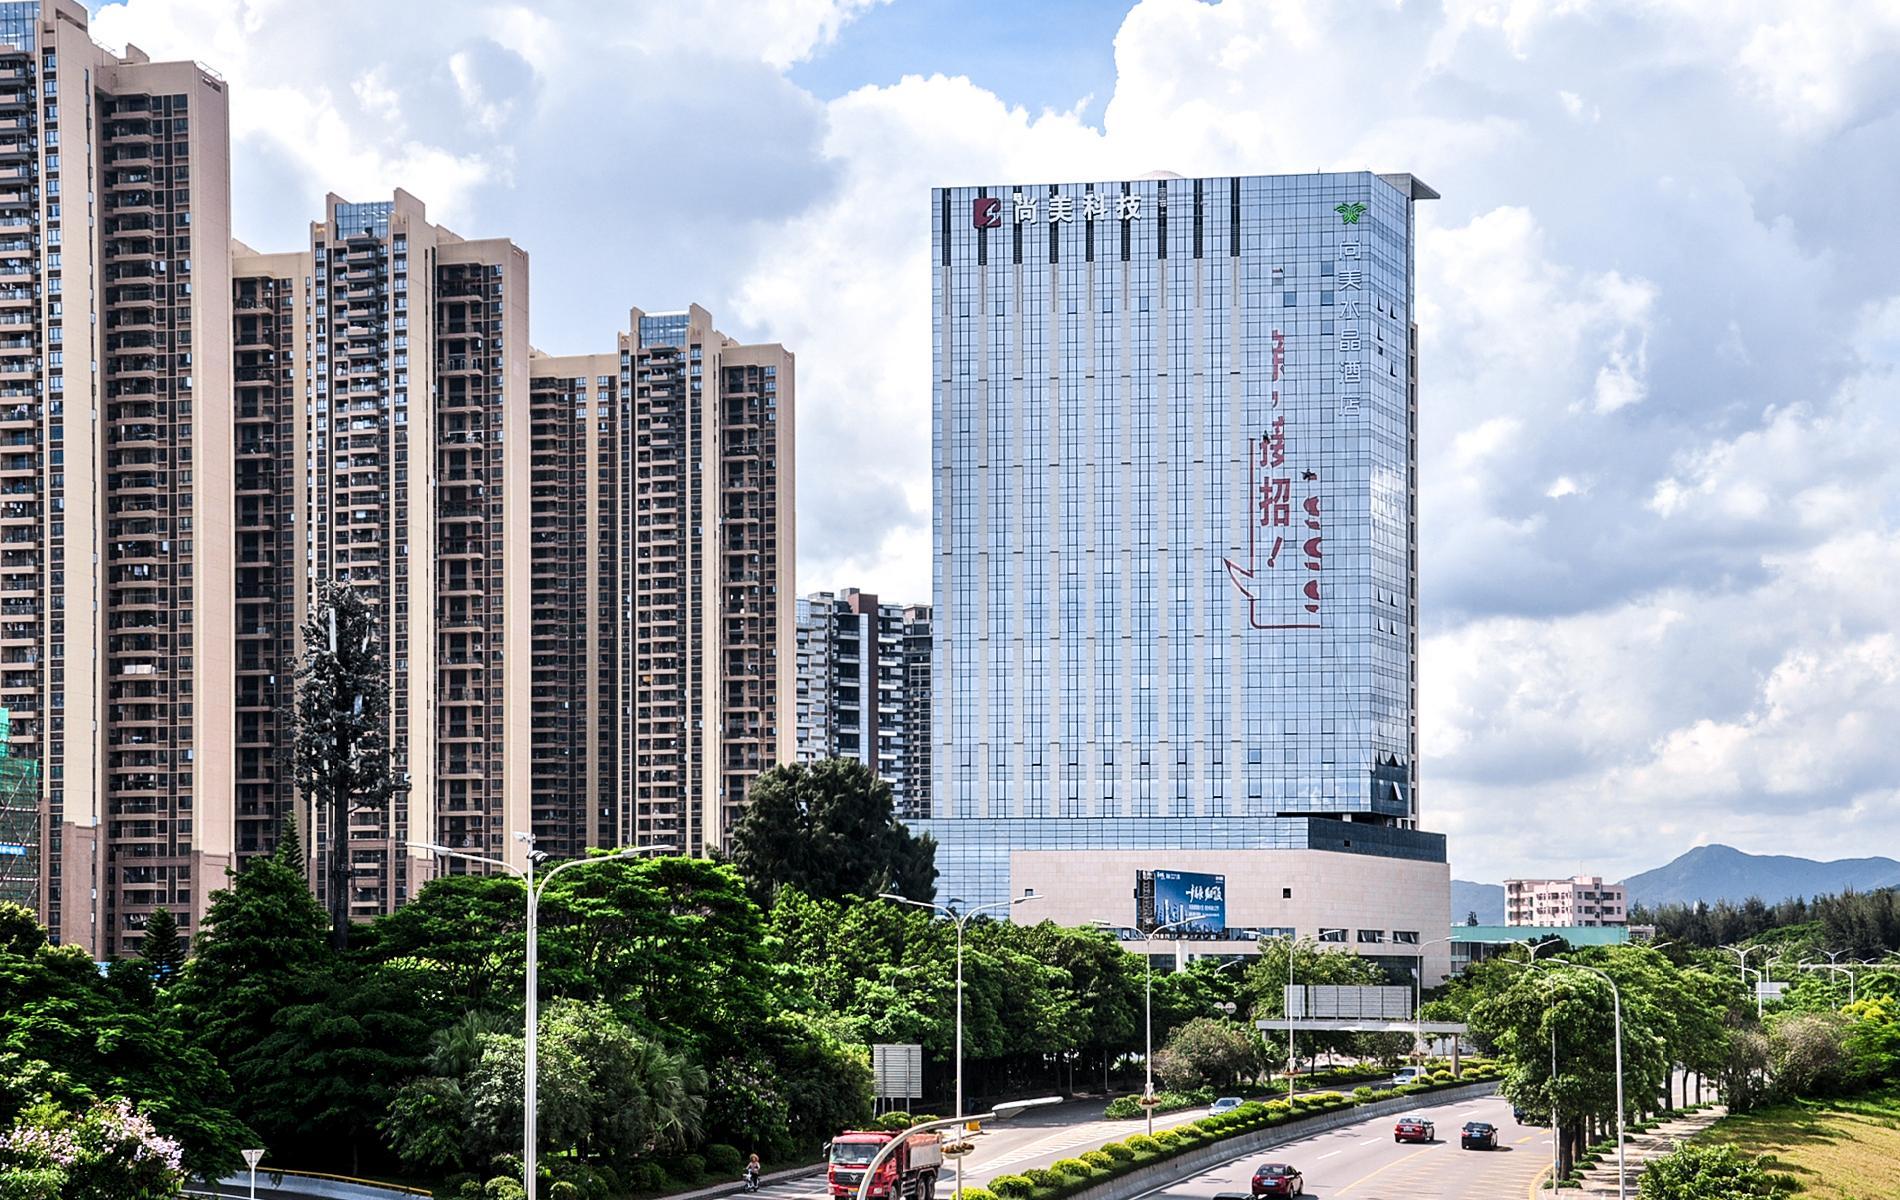 集團資訊_深圳 尚美科技大廈 寫字樓招商處 集團新聞